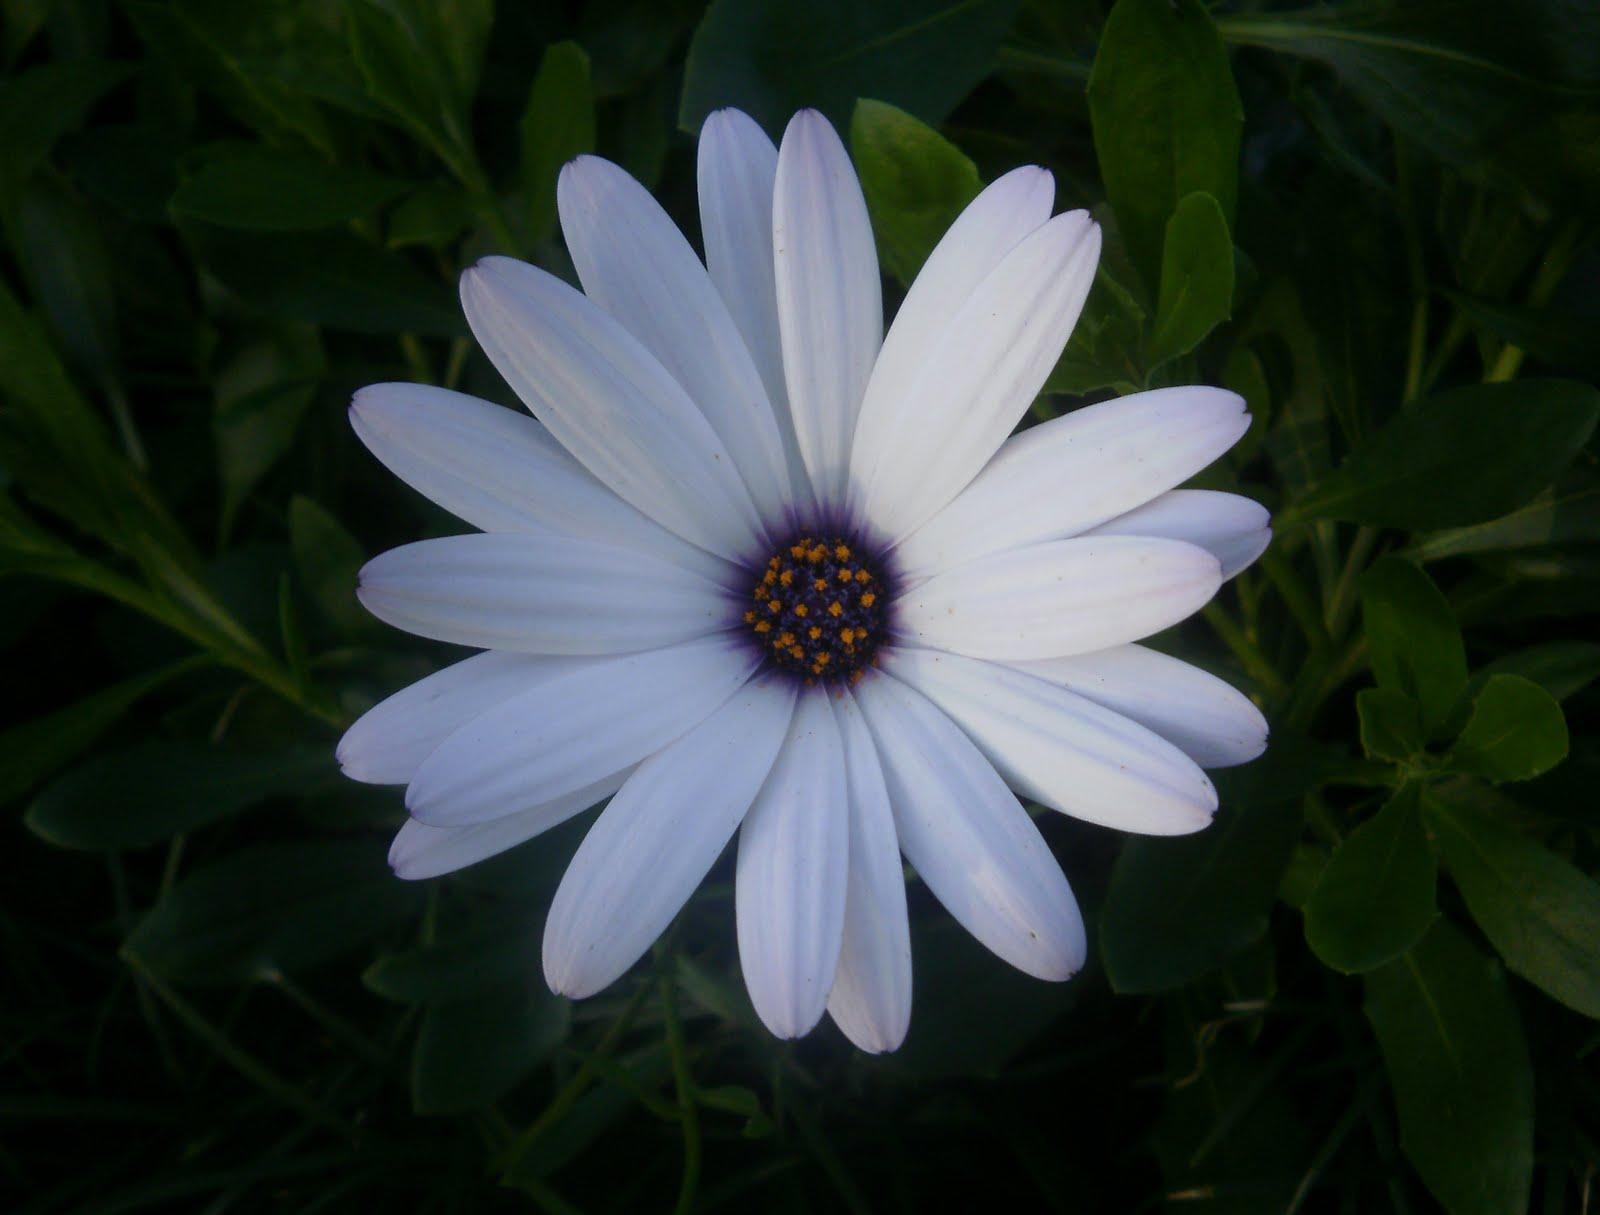 Amateur d 39 art flowers different colors and shapes for What makes flowers different colors